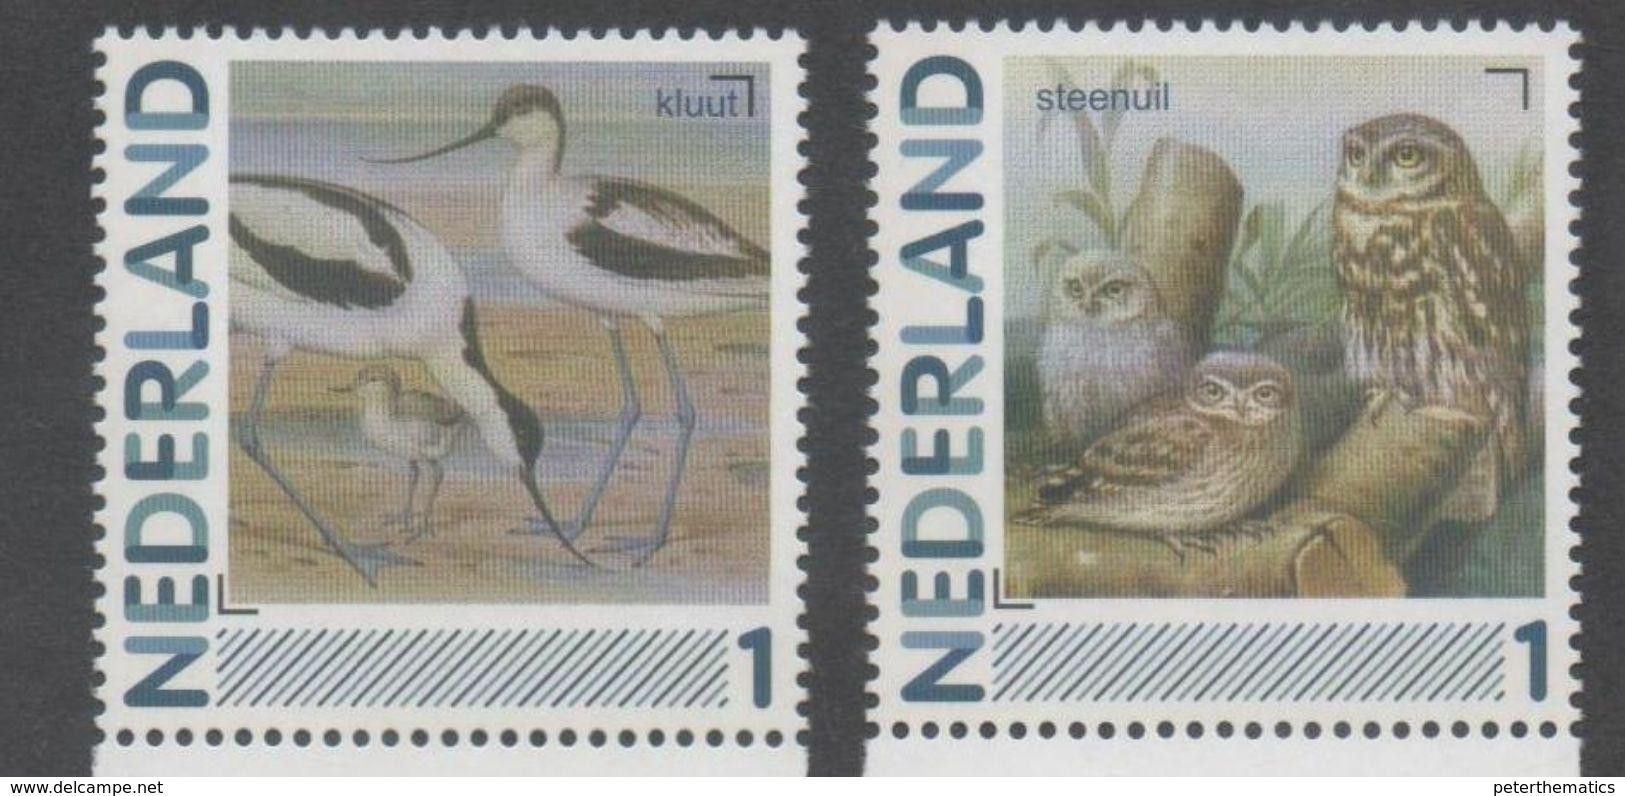 NETHERLANDS, MNH, PERSONALIZED STAMPS, BIRDS, OWLS,  2v - Uilen